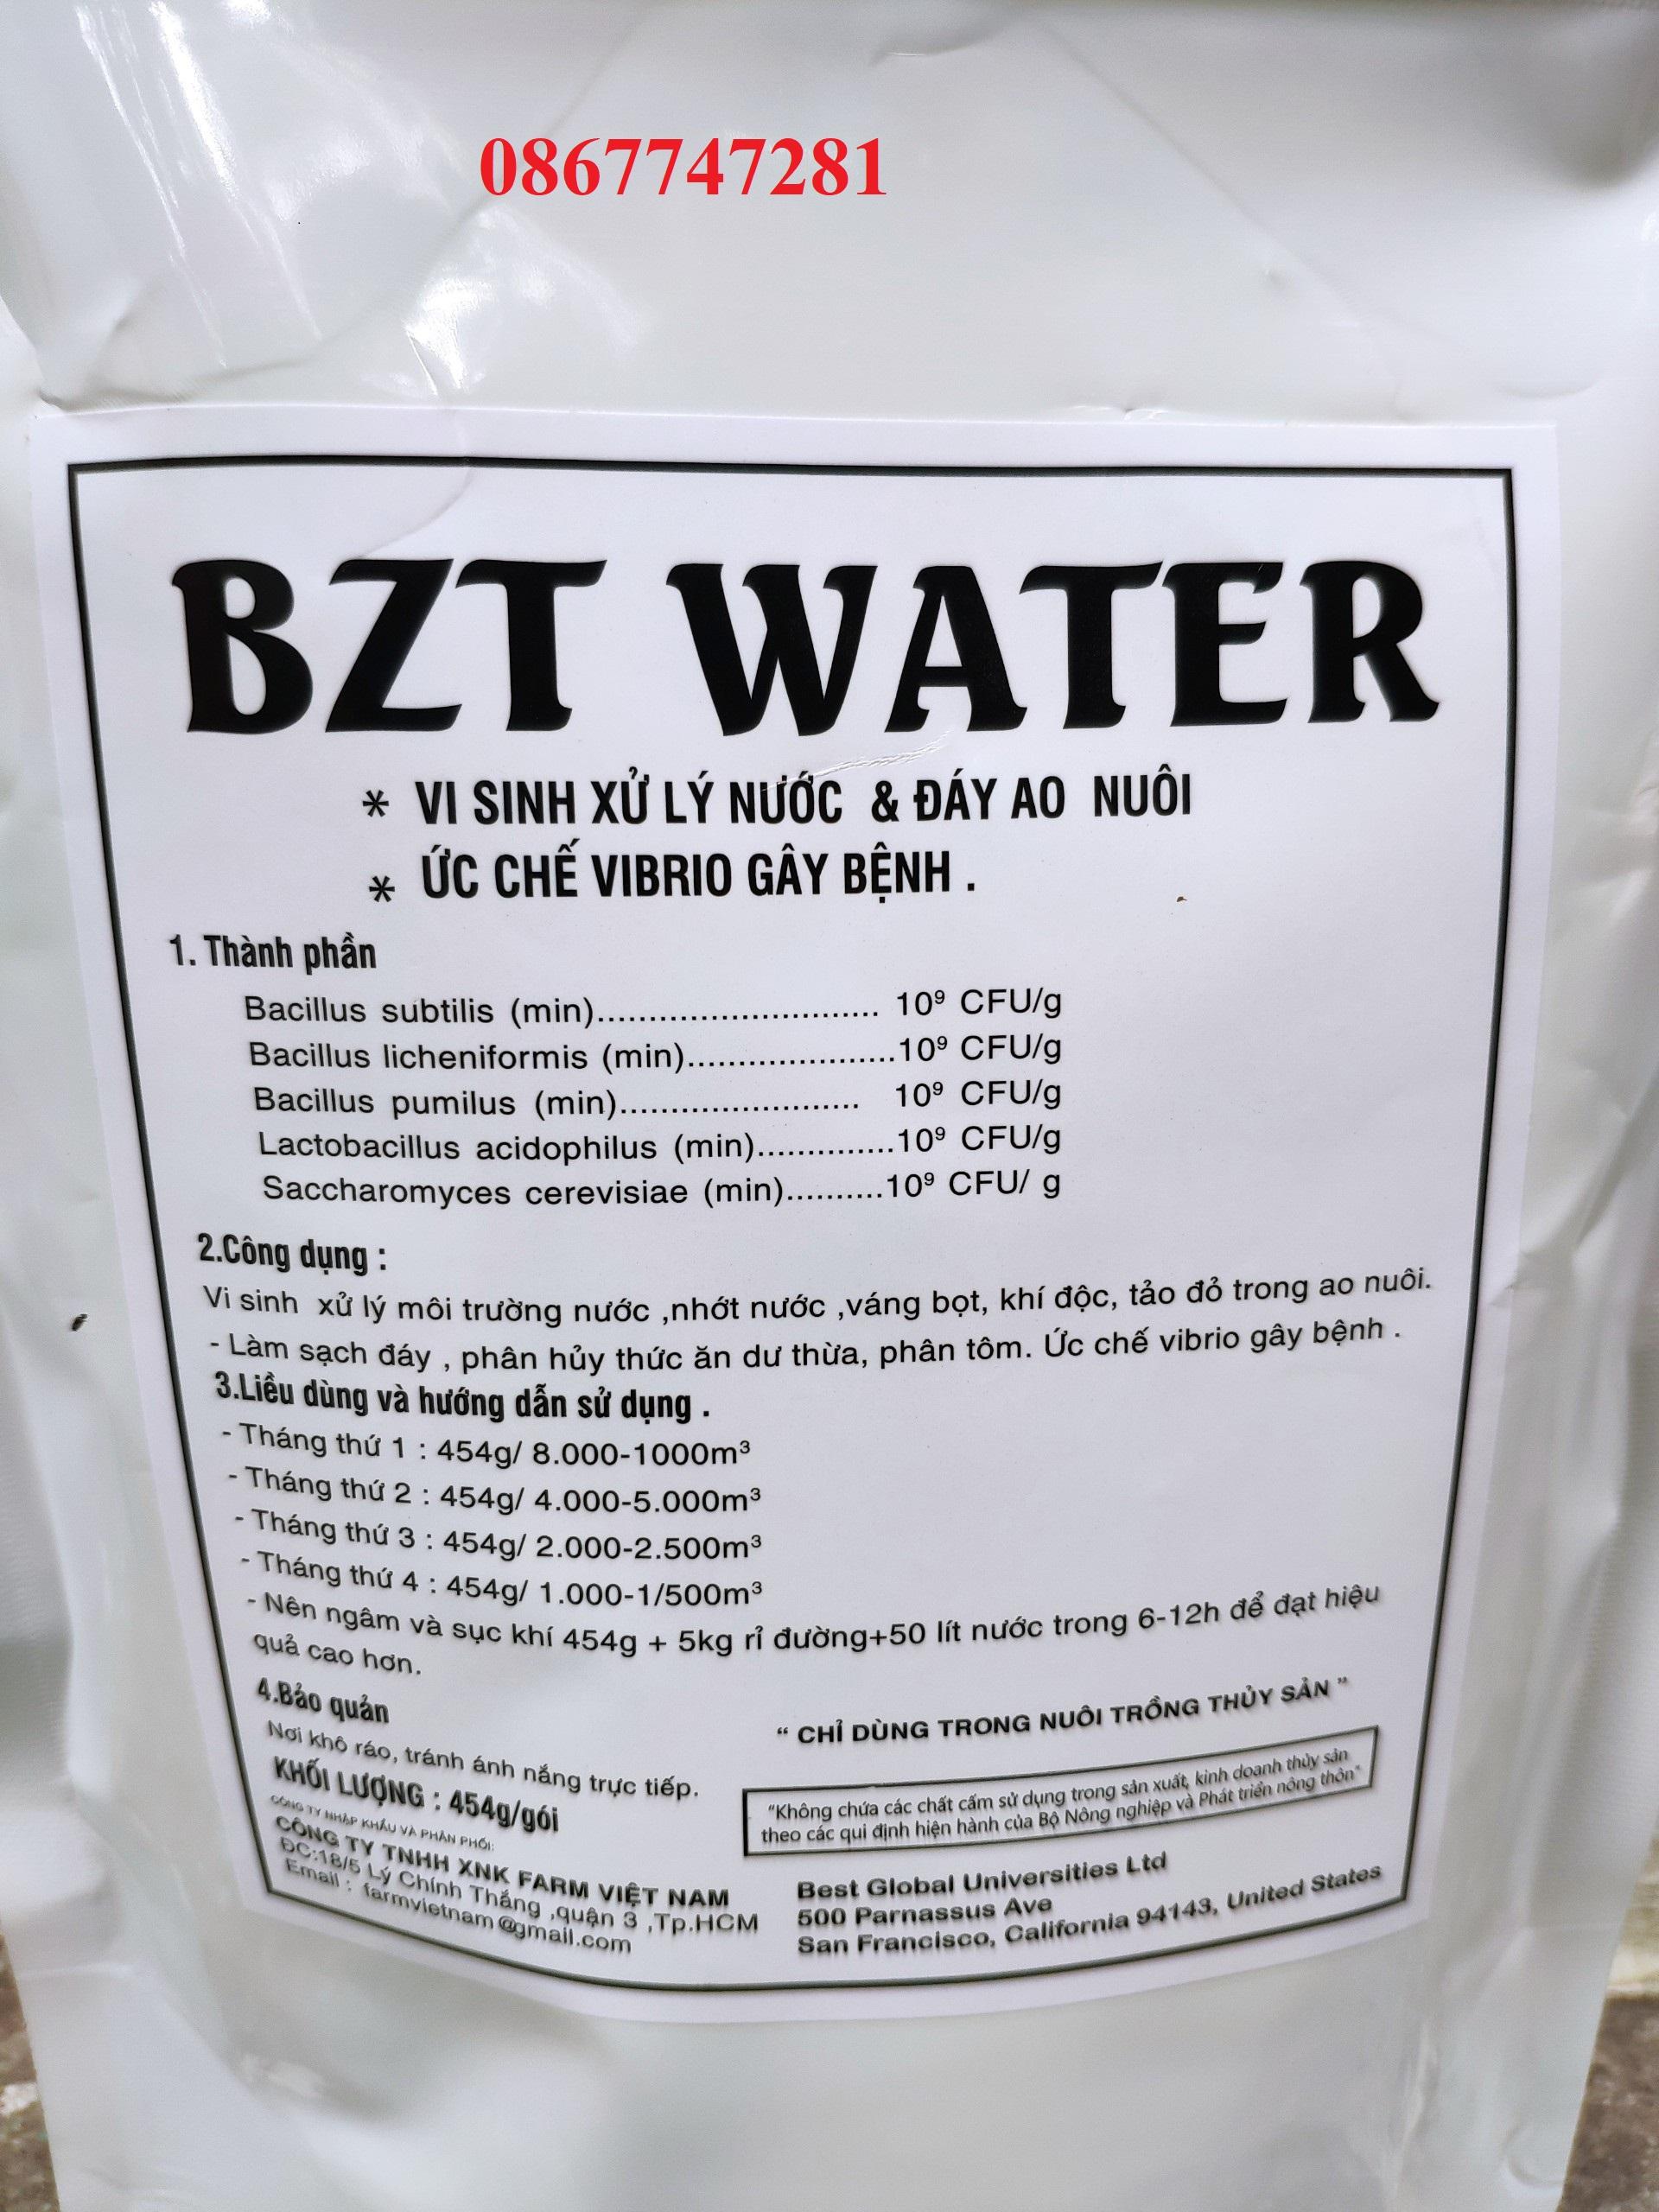 Bzt water * vi sinh xử lý nước & đáy ao nuôi * ức chế vibrio gây bệnh